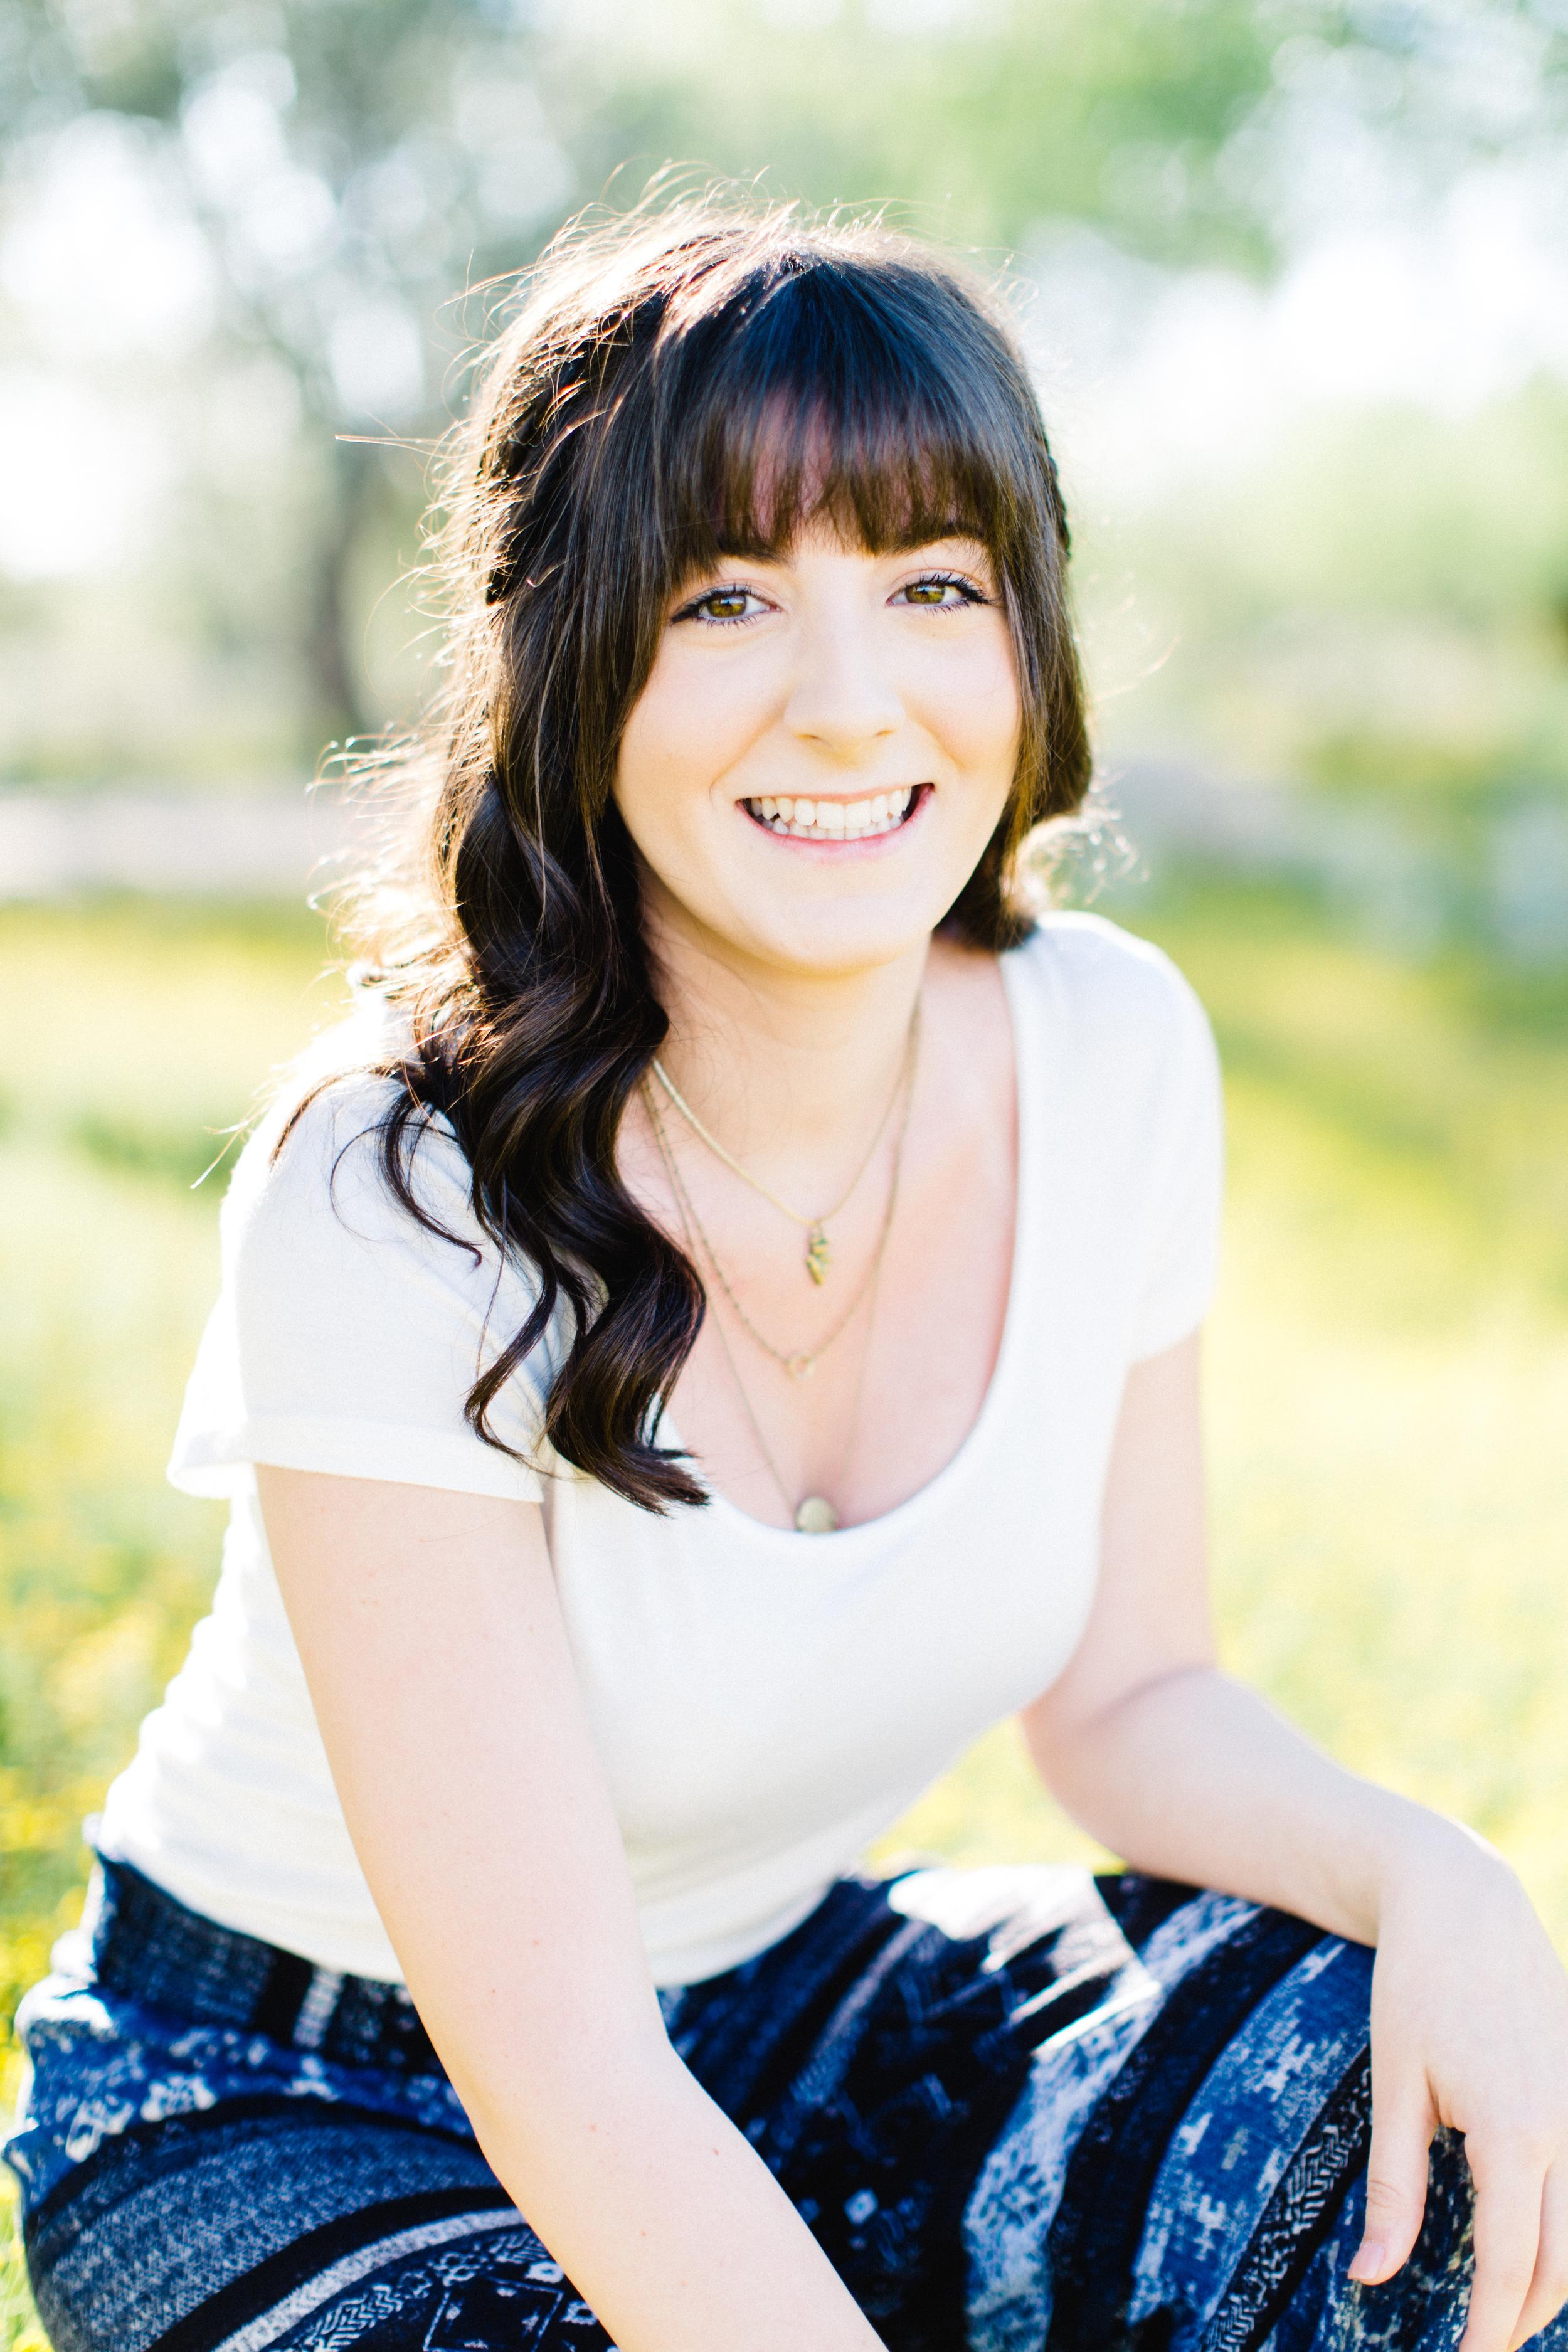 MelissaFaySenior-1.jpg